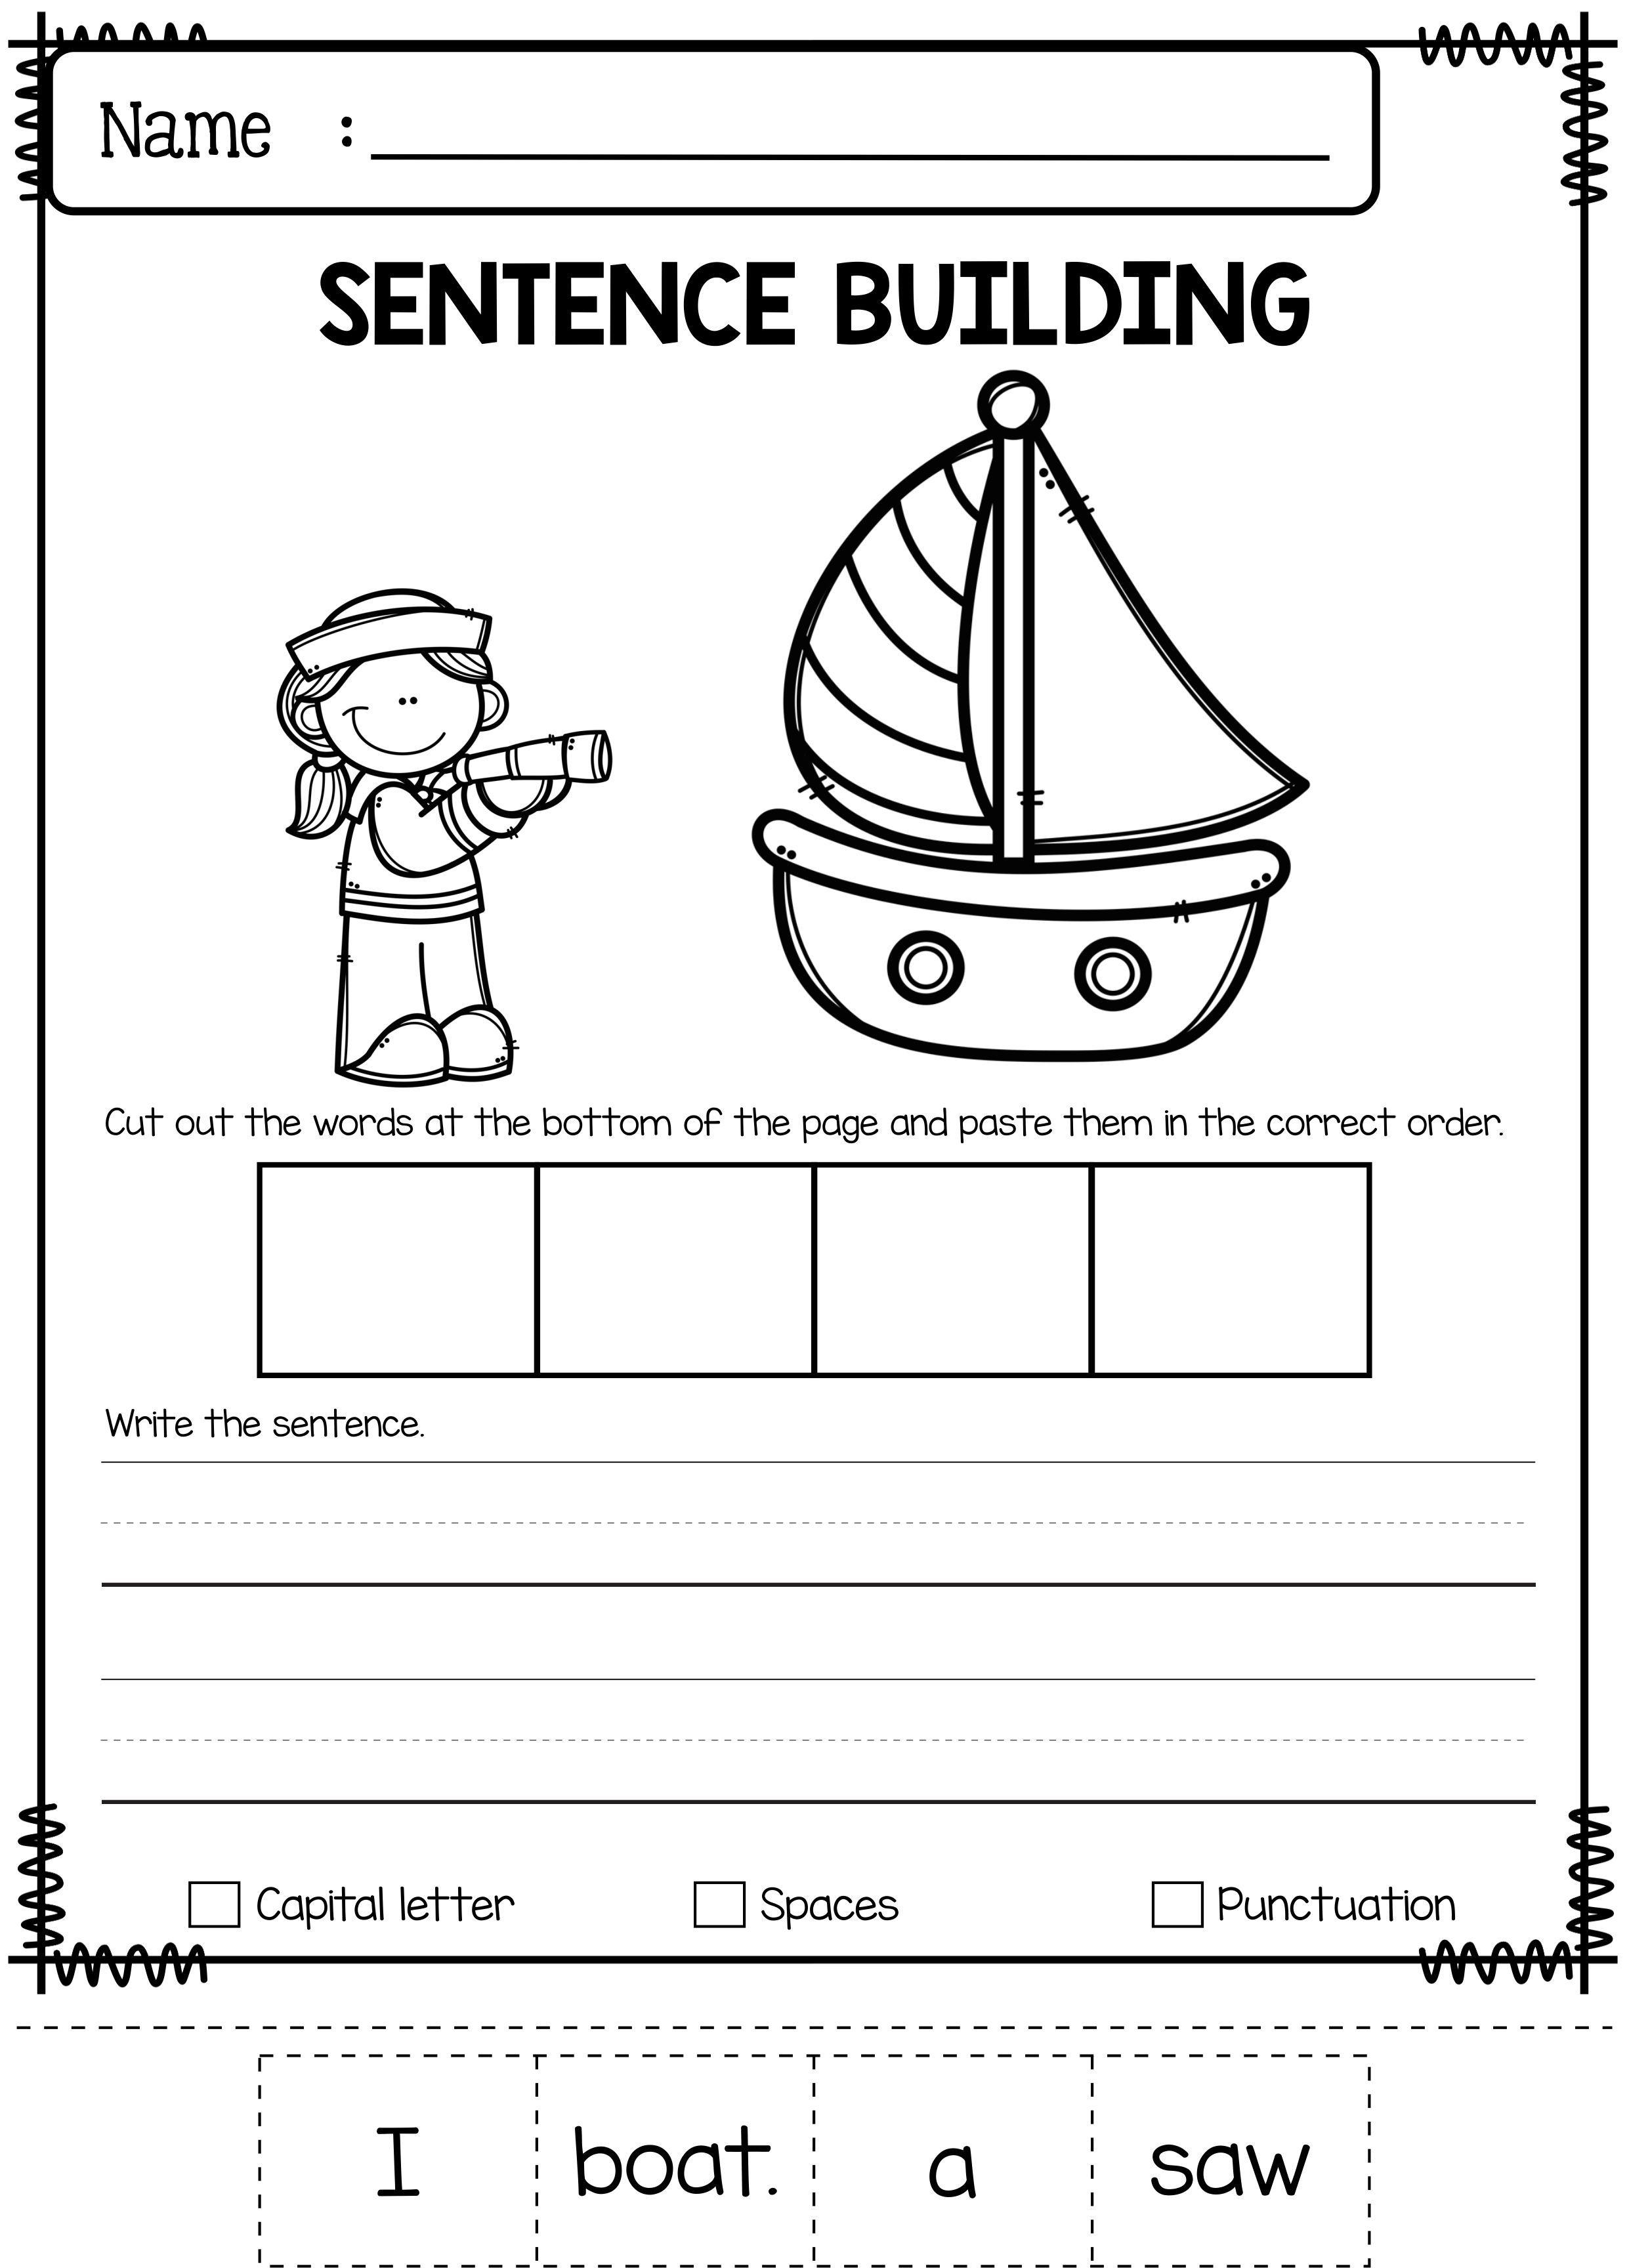 june sentence building education sentence building preschool worksheets kindergarten. Black Bedroom Furniture Sets. Home Design Ideas